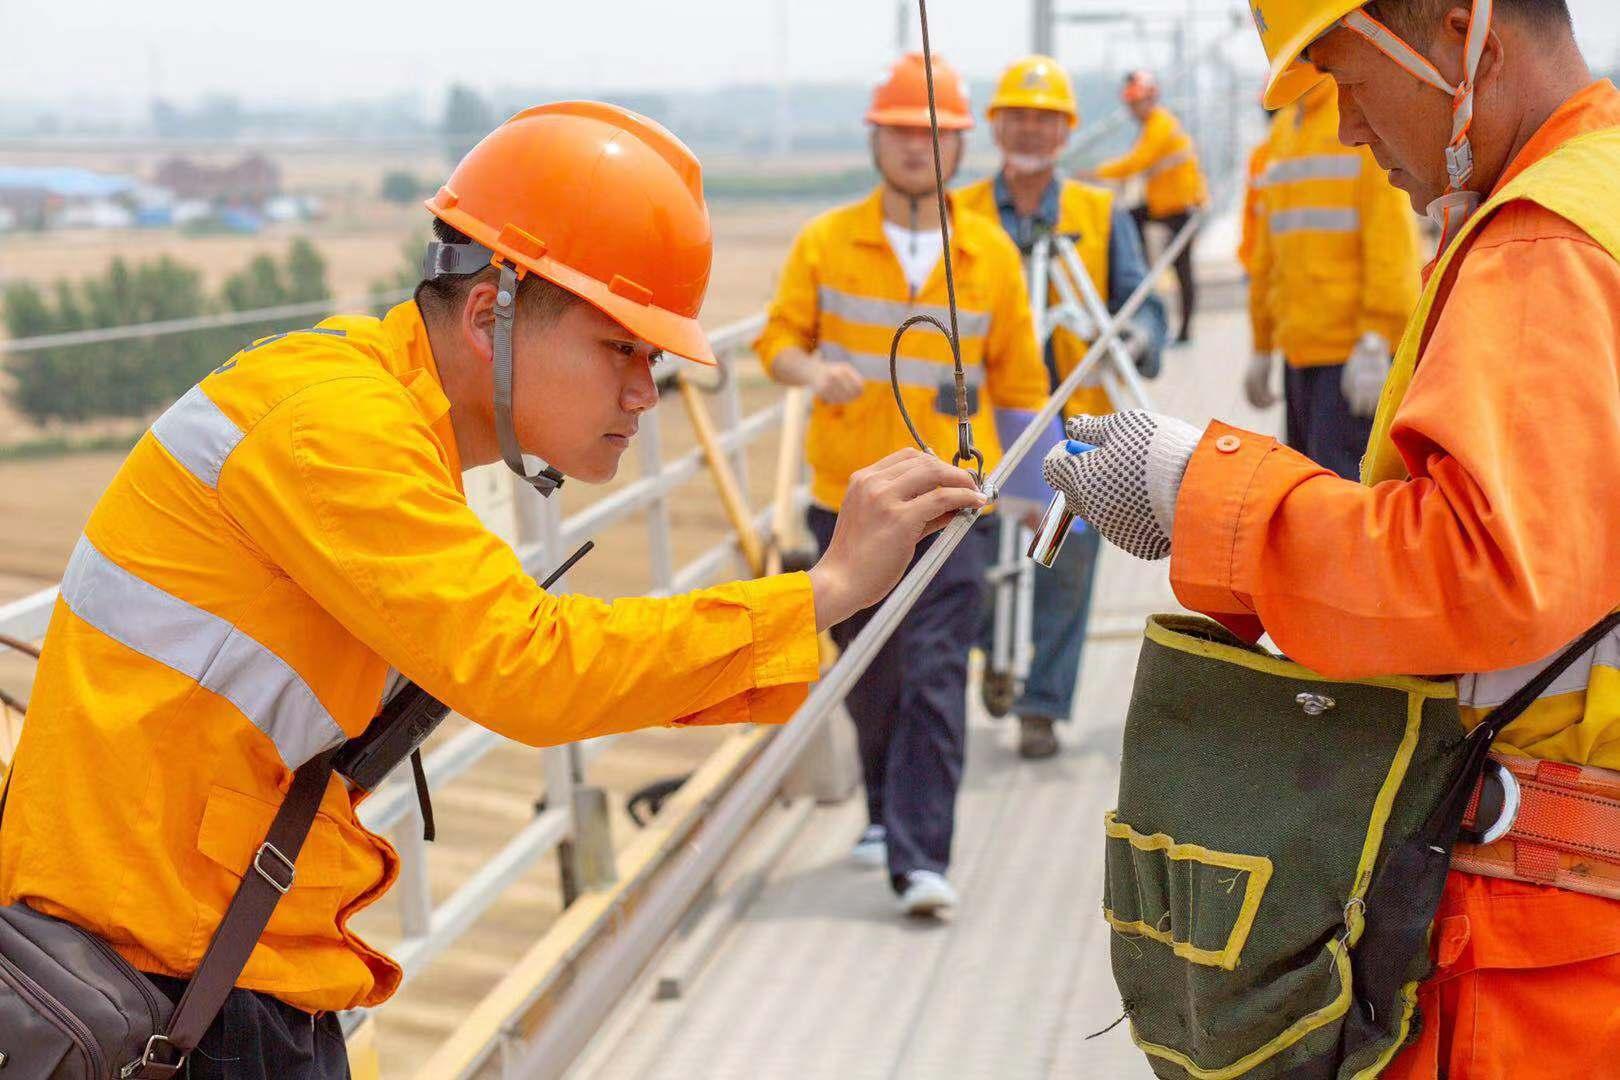 高铁画师辛培龙用画笔记录鲁南高铁笑与泪 期待复兴号奔驰在沂蒙大地上